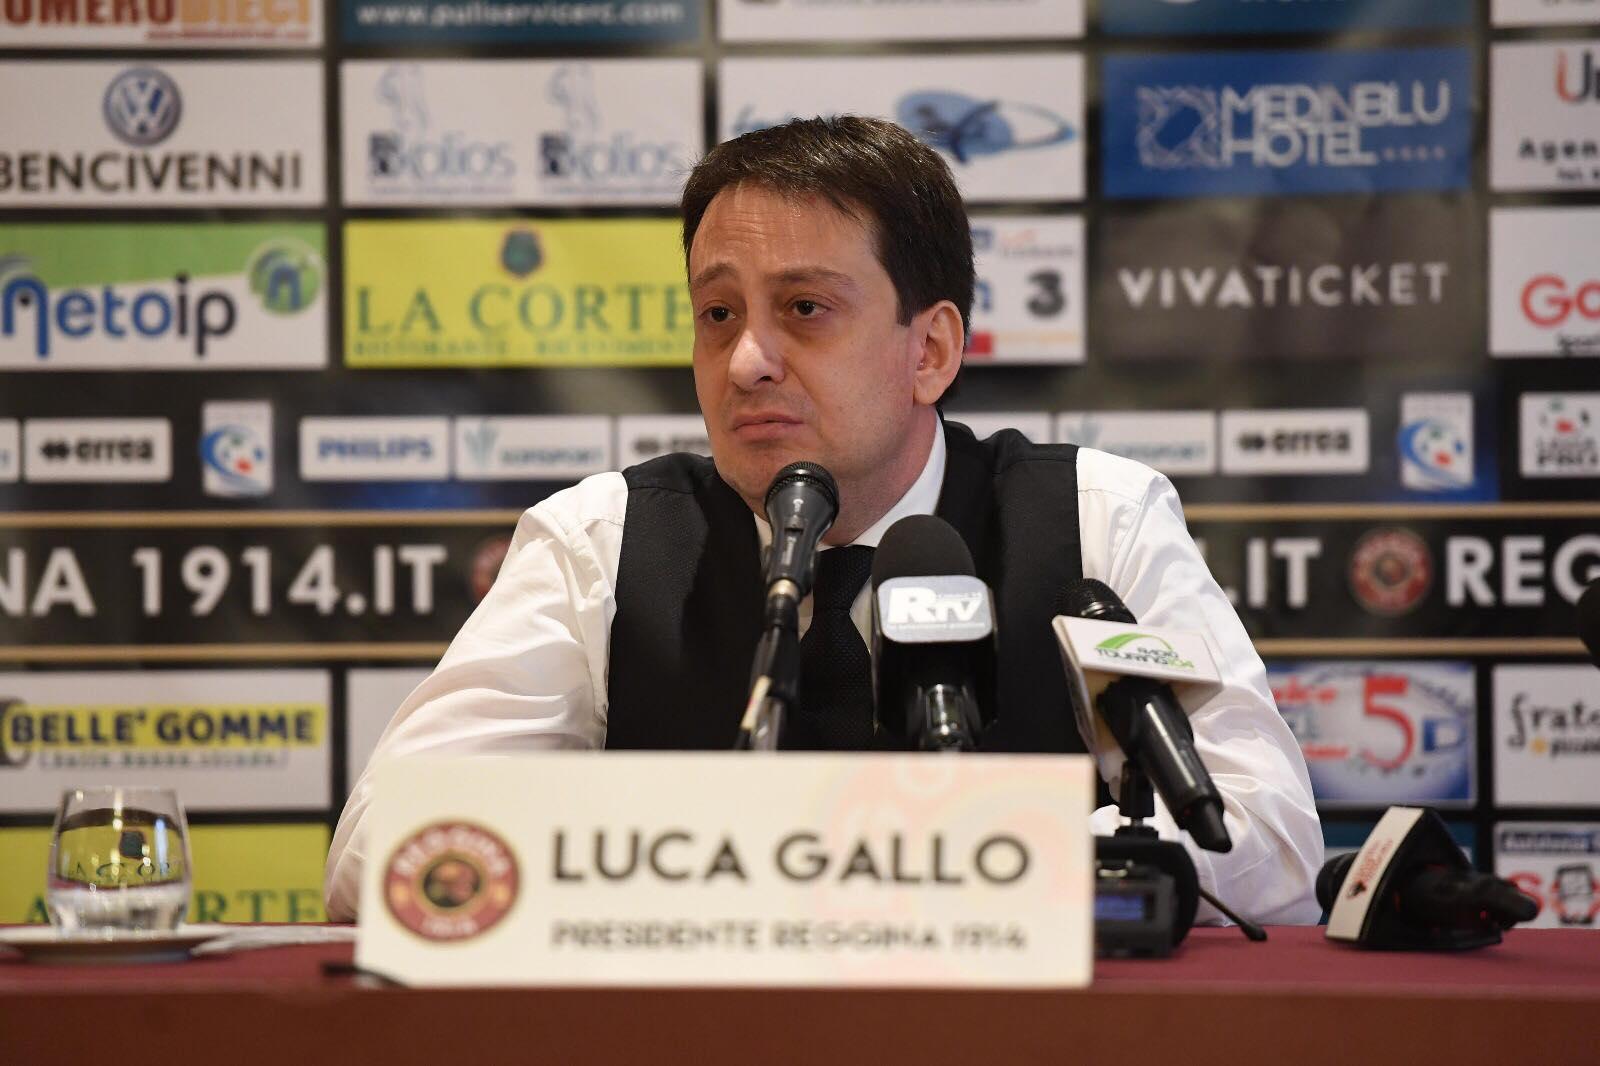 """Photo of La Procura Federale sulla maglia indossata da Gallo: """"Offensiva e irriguardosa"""""""